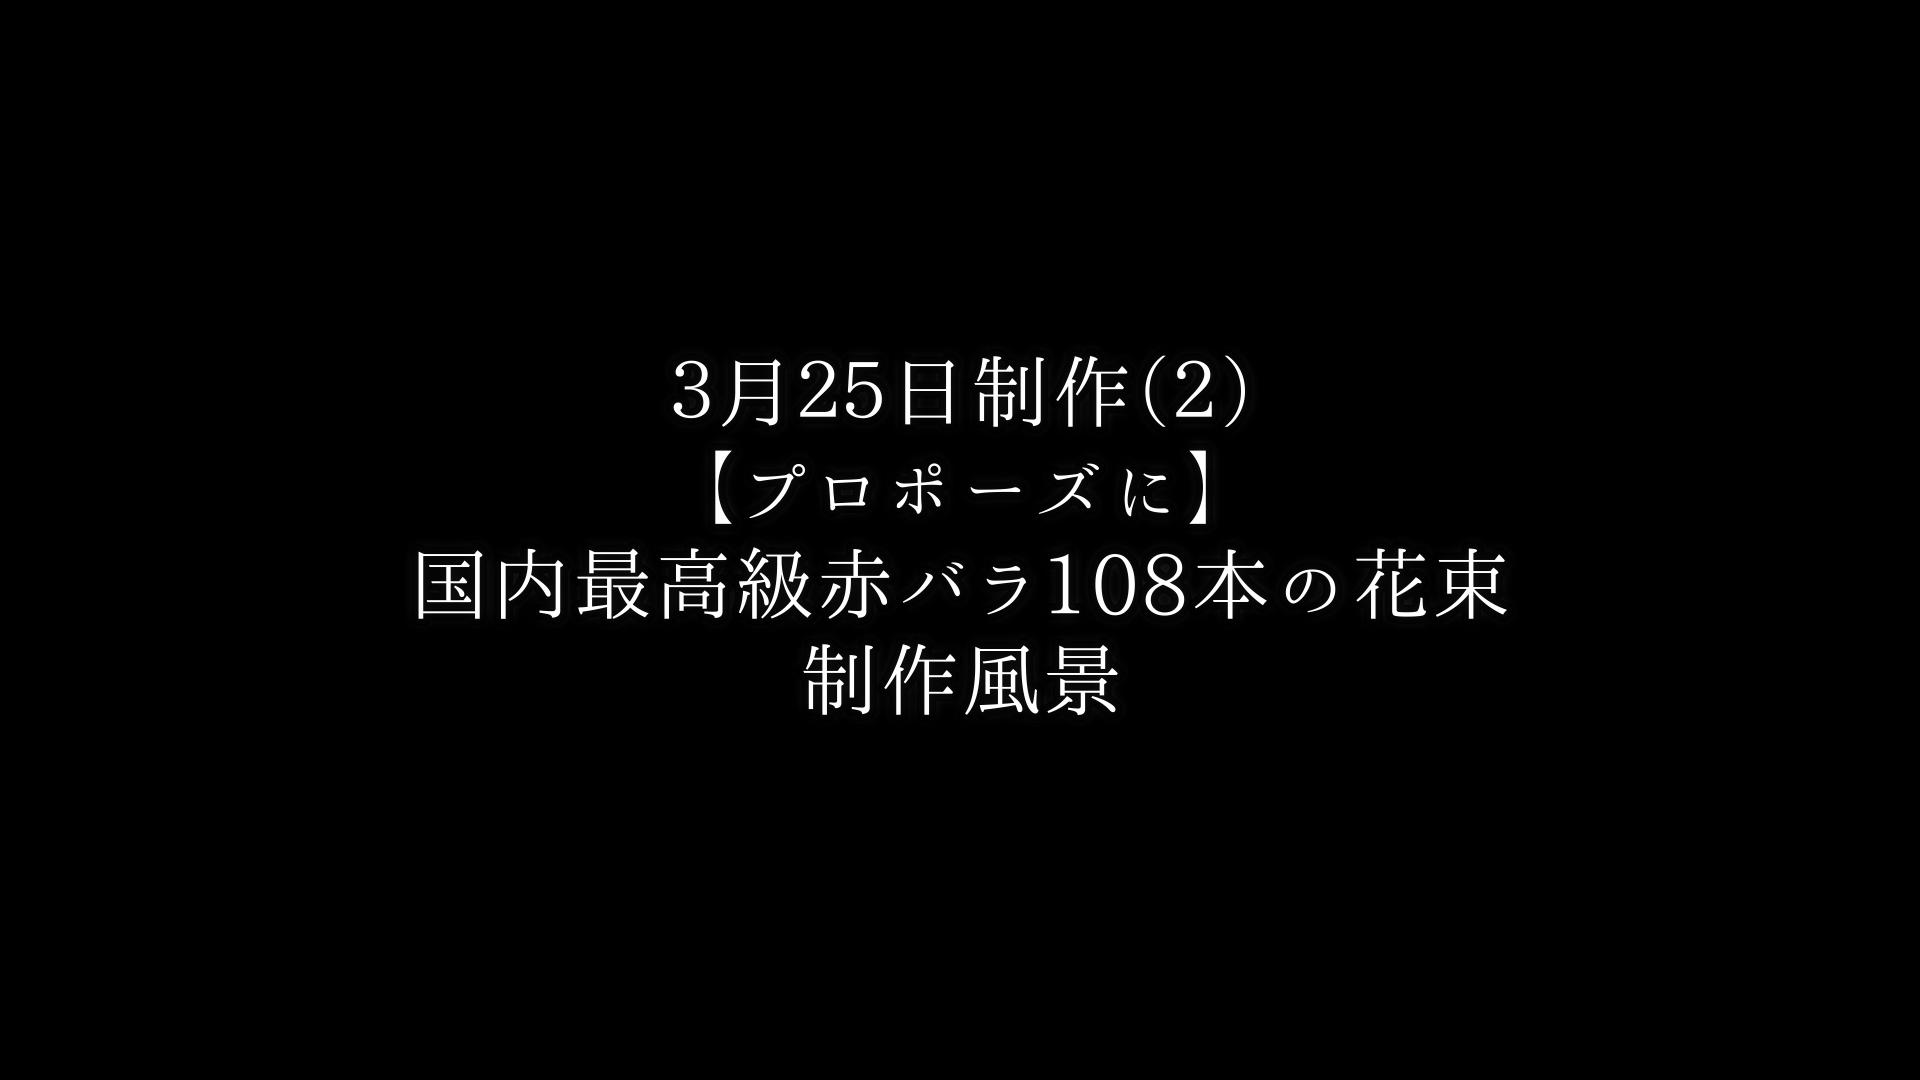 【プロポーズに】バラ108本の花束制作動画 2021/03/25撮影(2束目)